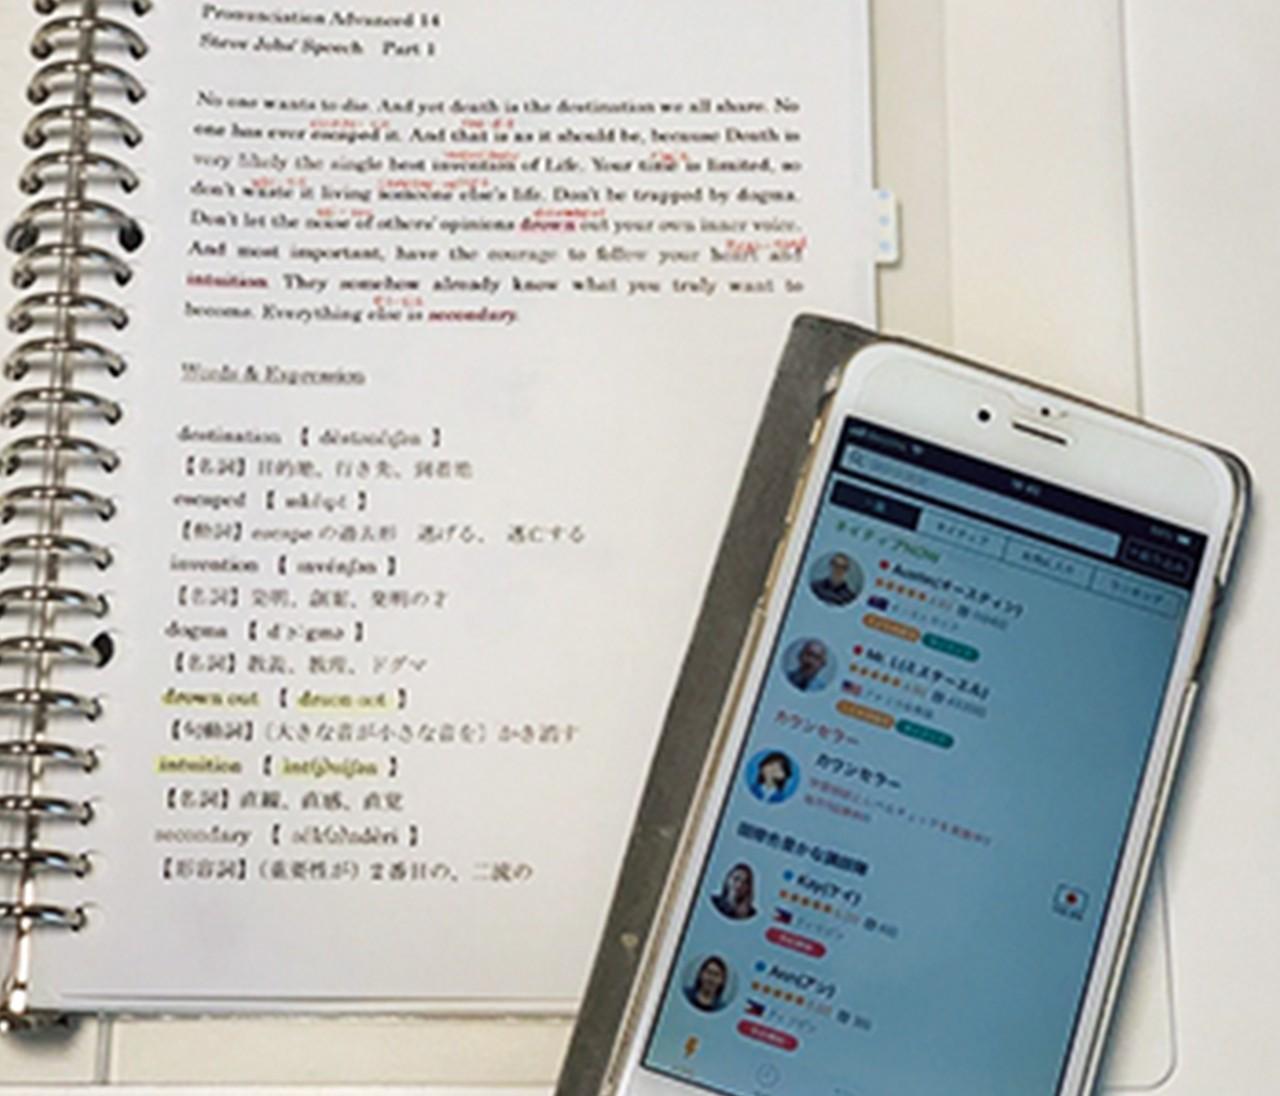 【大人の勉強リスタート】オンライン英会話で英検1級に合格した秘訣とは?